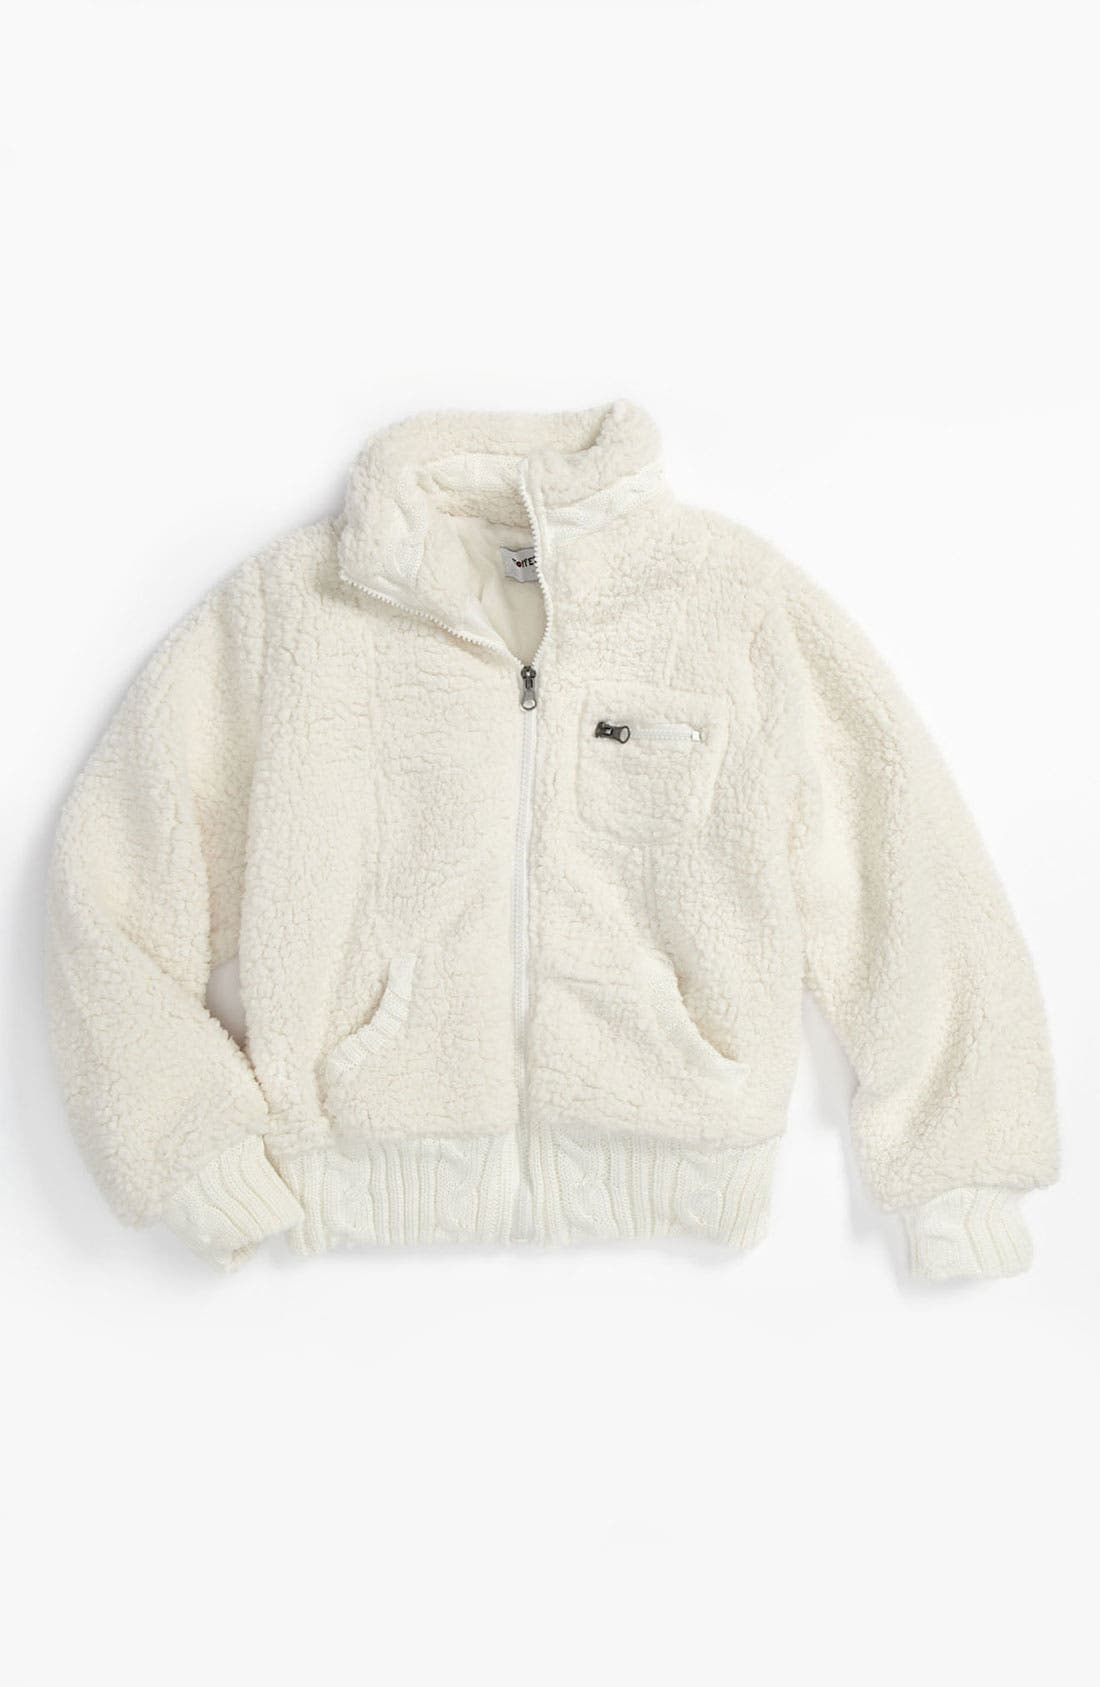 'Wubby' Faux Shearling Jacket,                             Main thumbnail 1, color,                             900